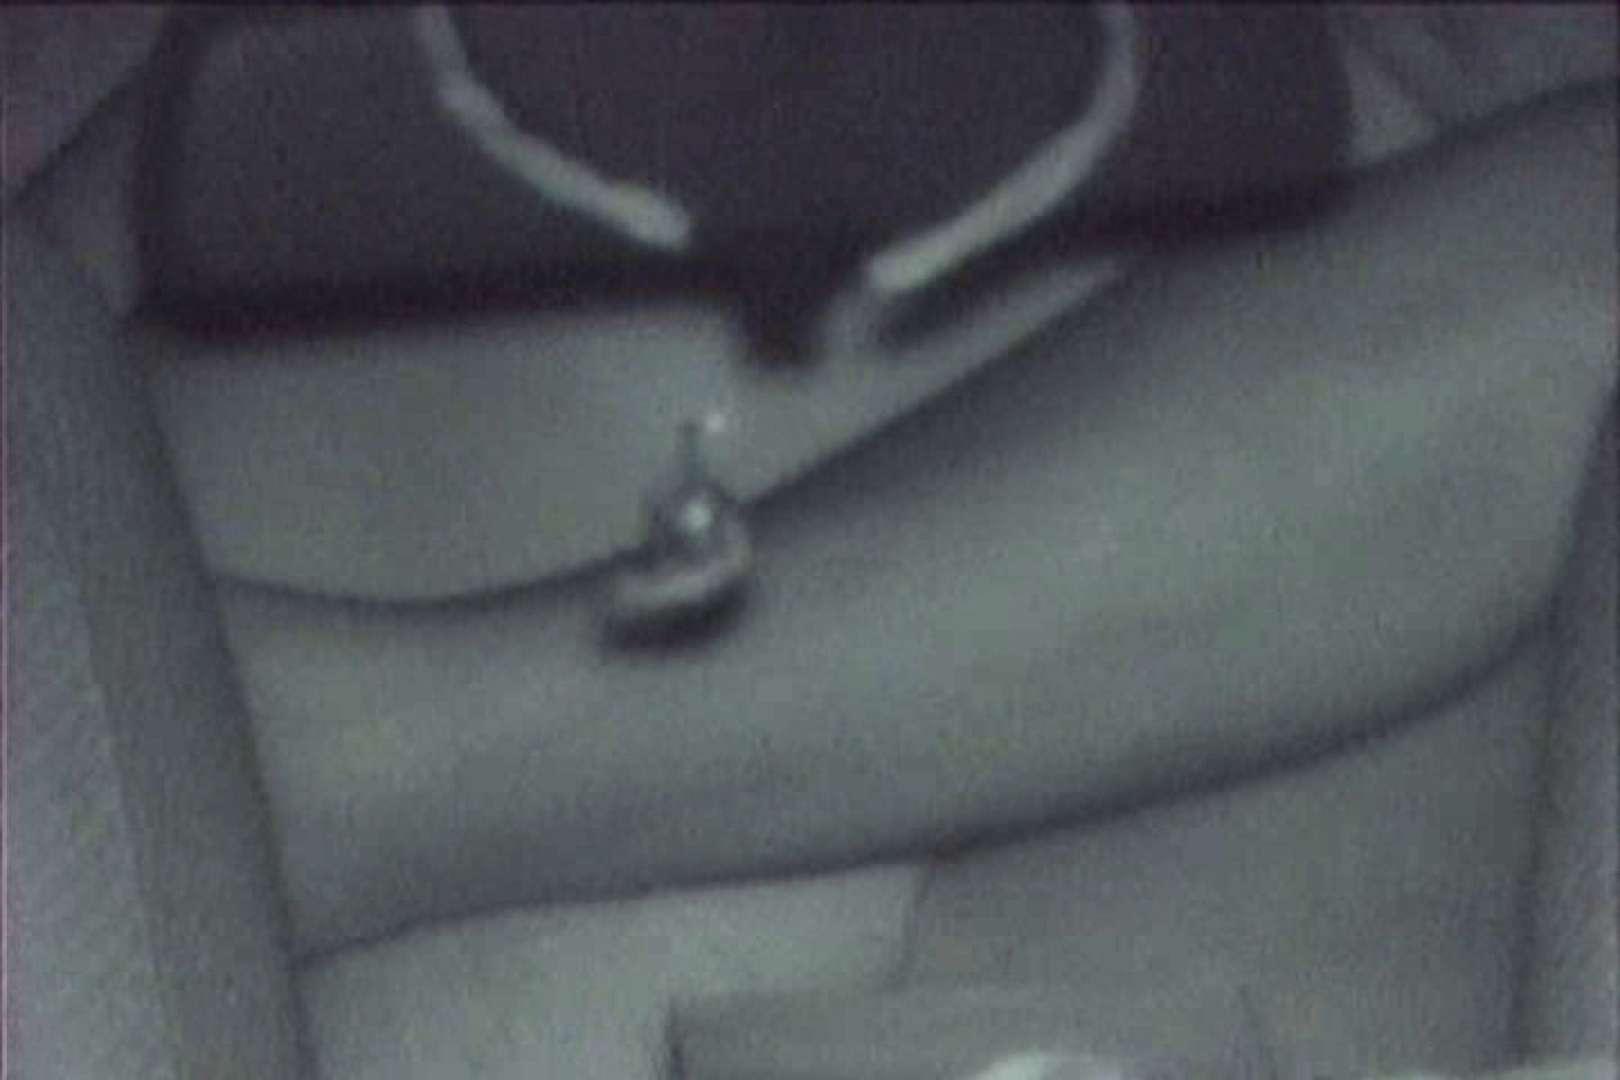 車の中はラブホテル 無修正版  Vol.21 ホテル 盗撮AV動画キャプチャ 109画像 40